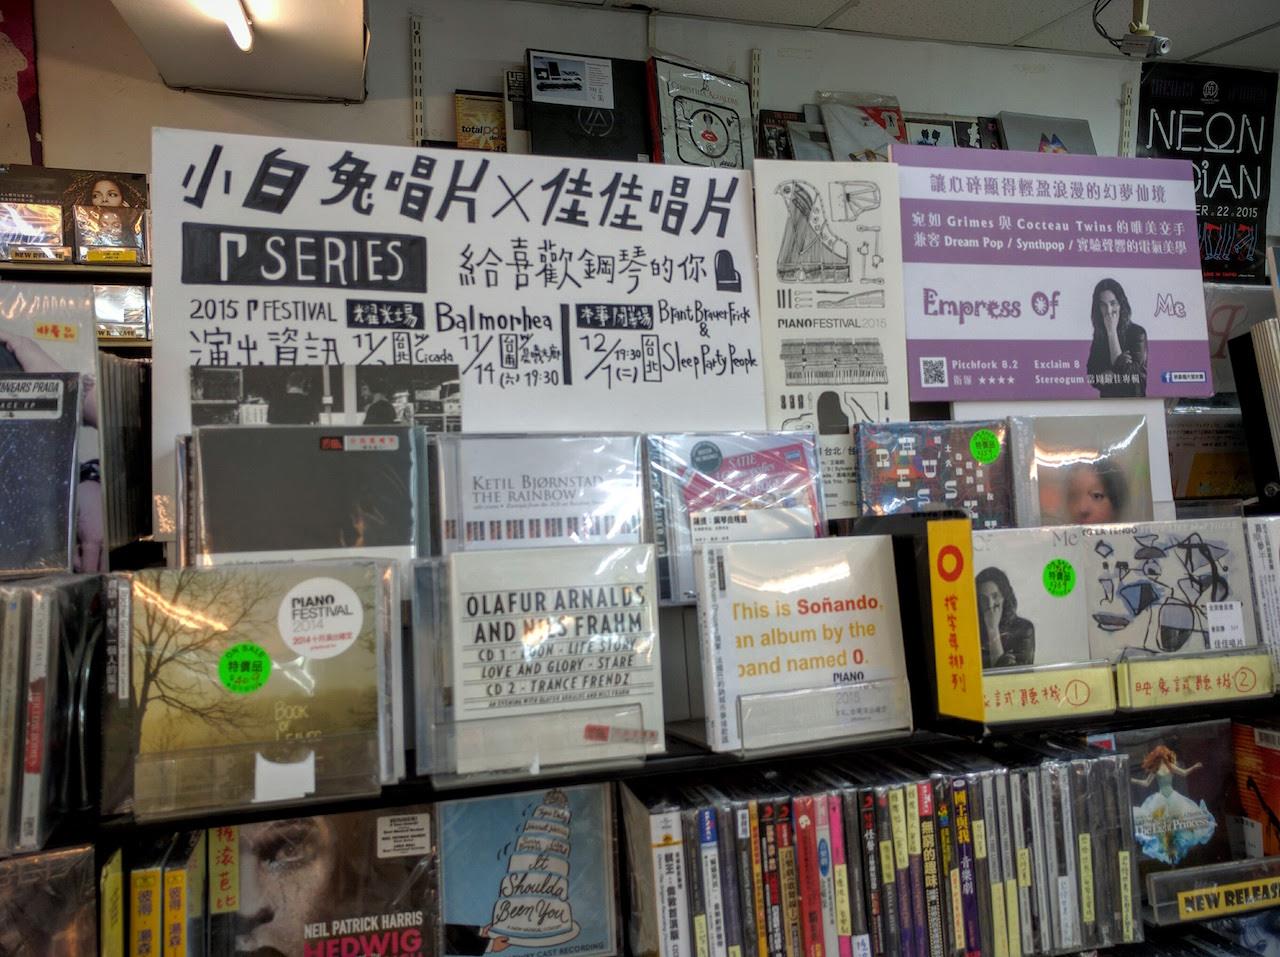 佳佳唱片店,外层是可怕的港台日韩流行,里面有不少欧西独立摇滚、金属专辑。